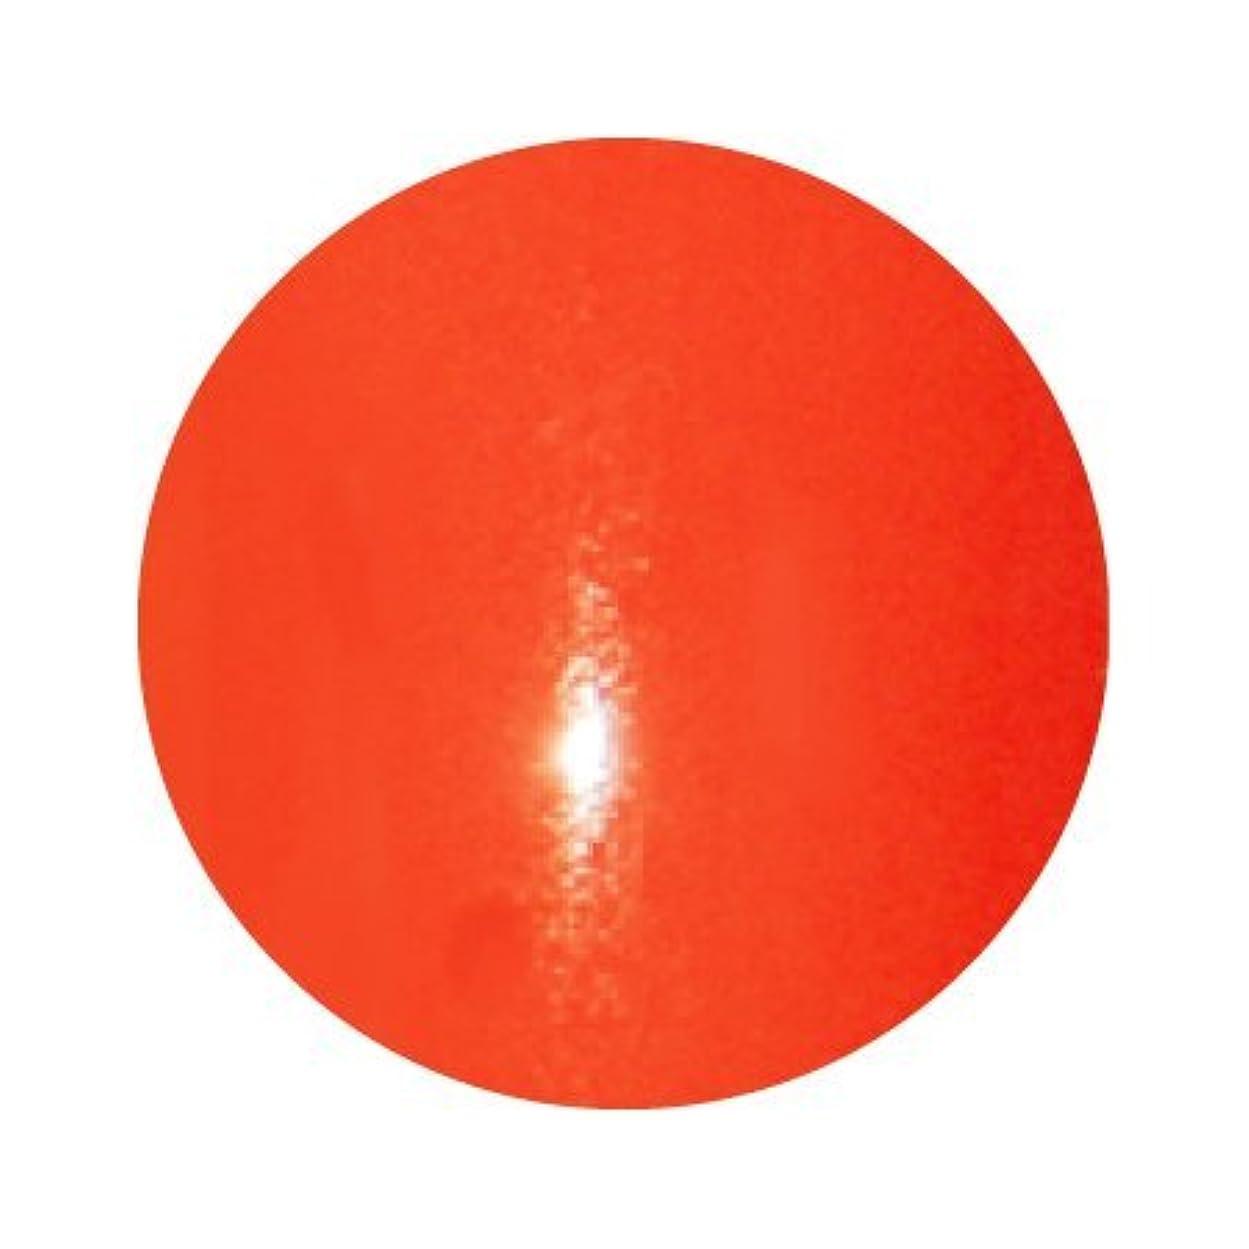 腸定規アスリートジェルネイル カラージェル プリジェル PREGEL スーパーカラーEX PG-SE811 マリーゴールド 3g